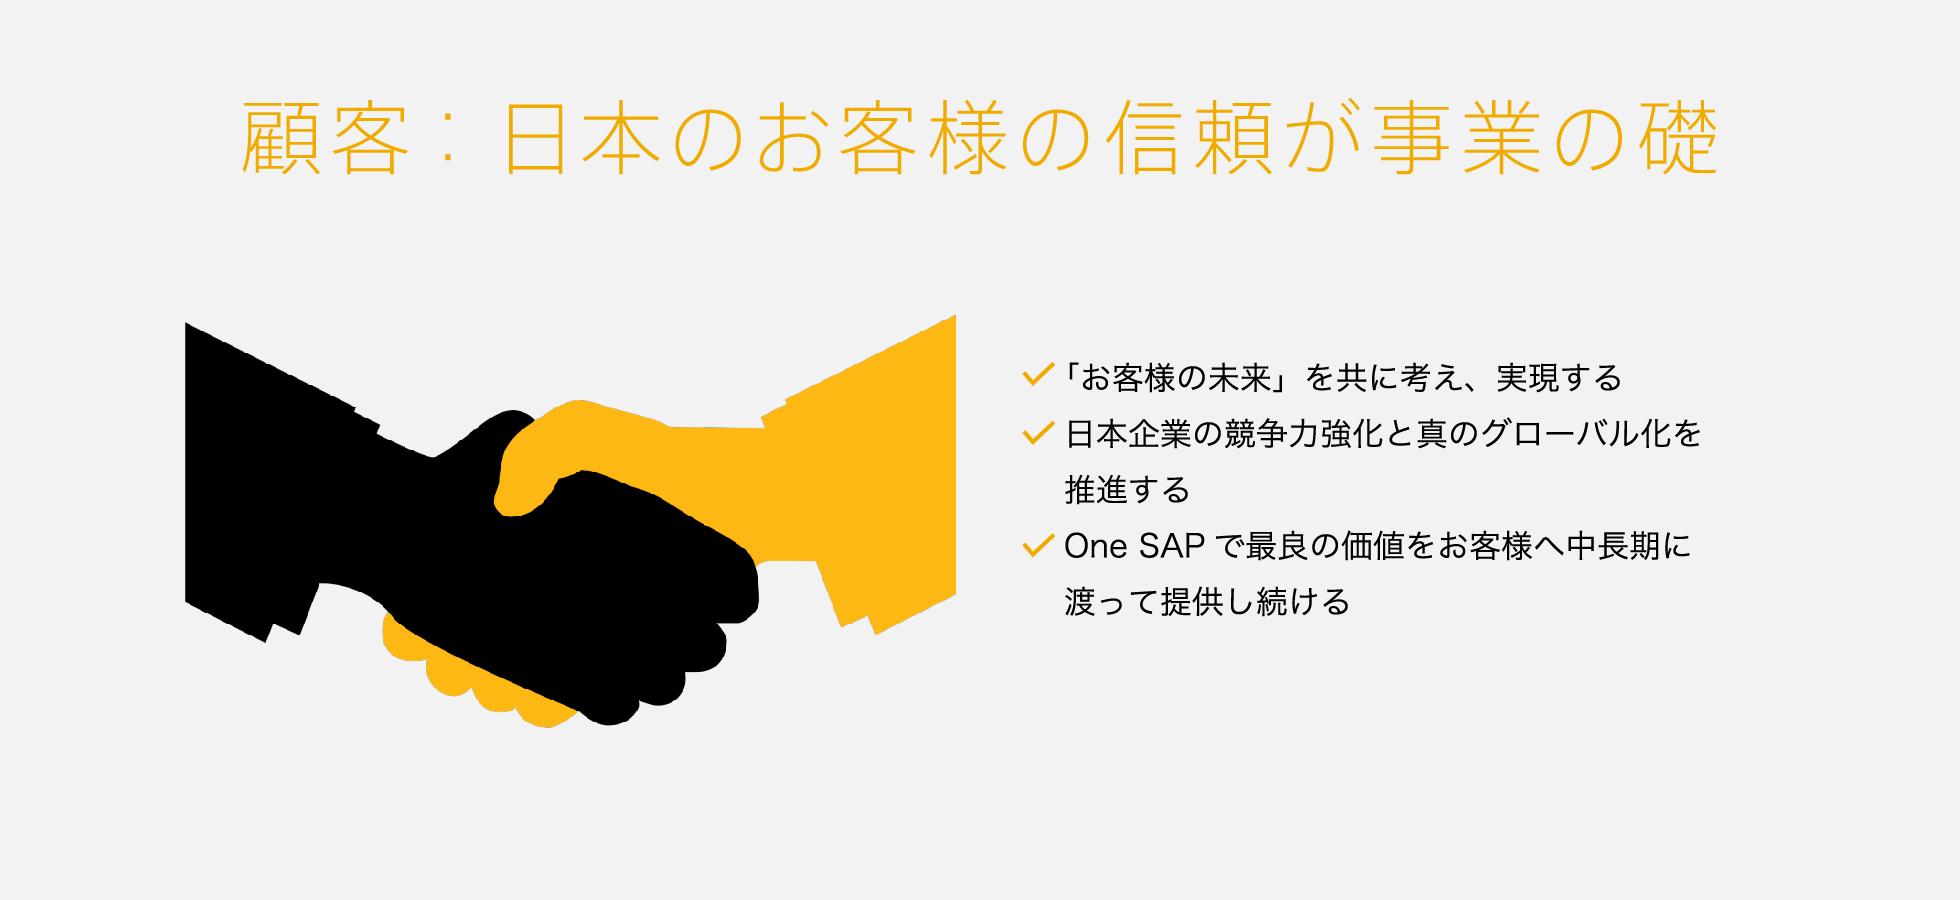 顧客:日本のお客さまの信頼が事業の礎